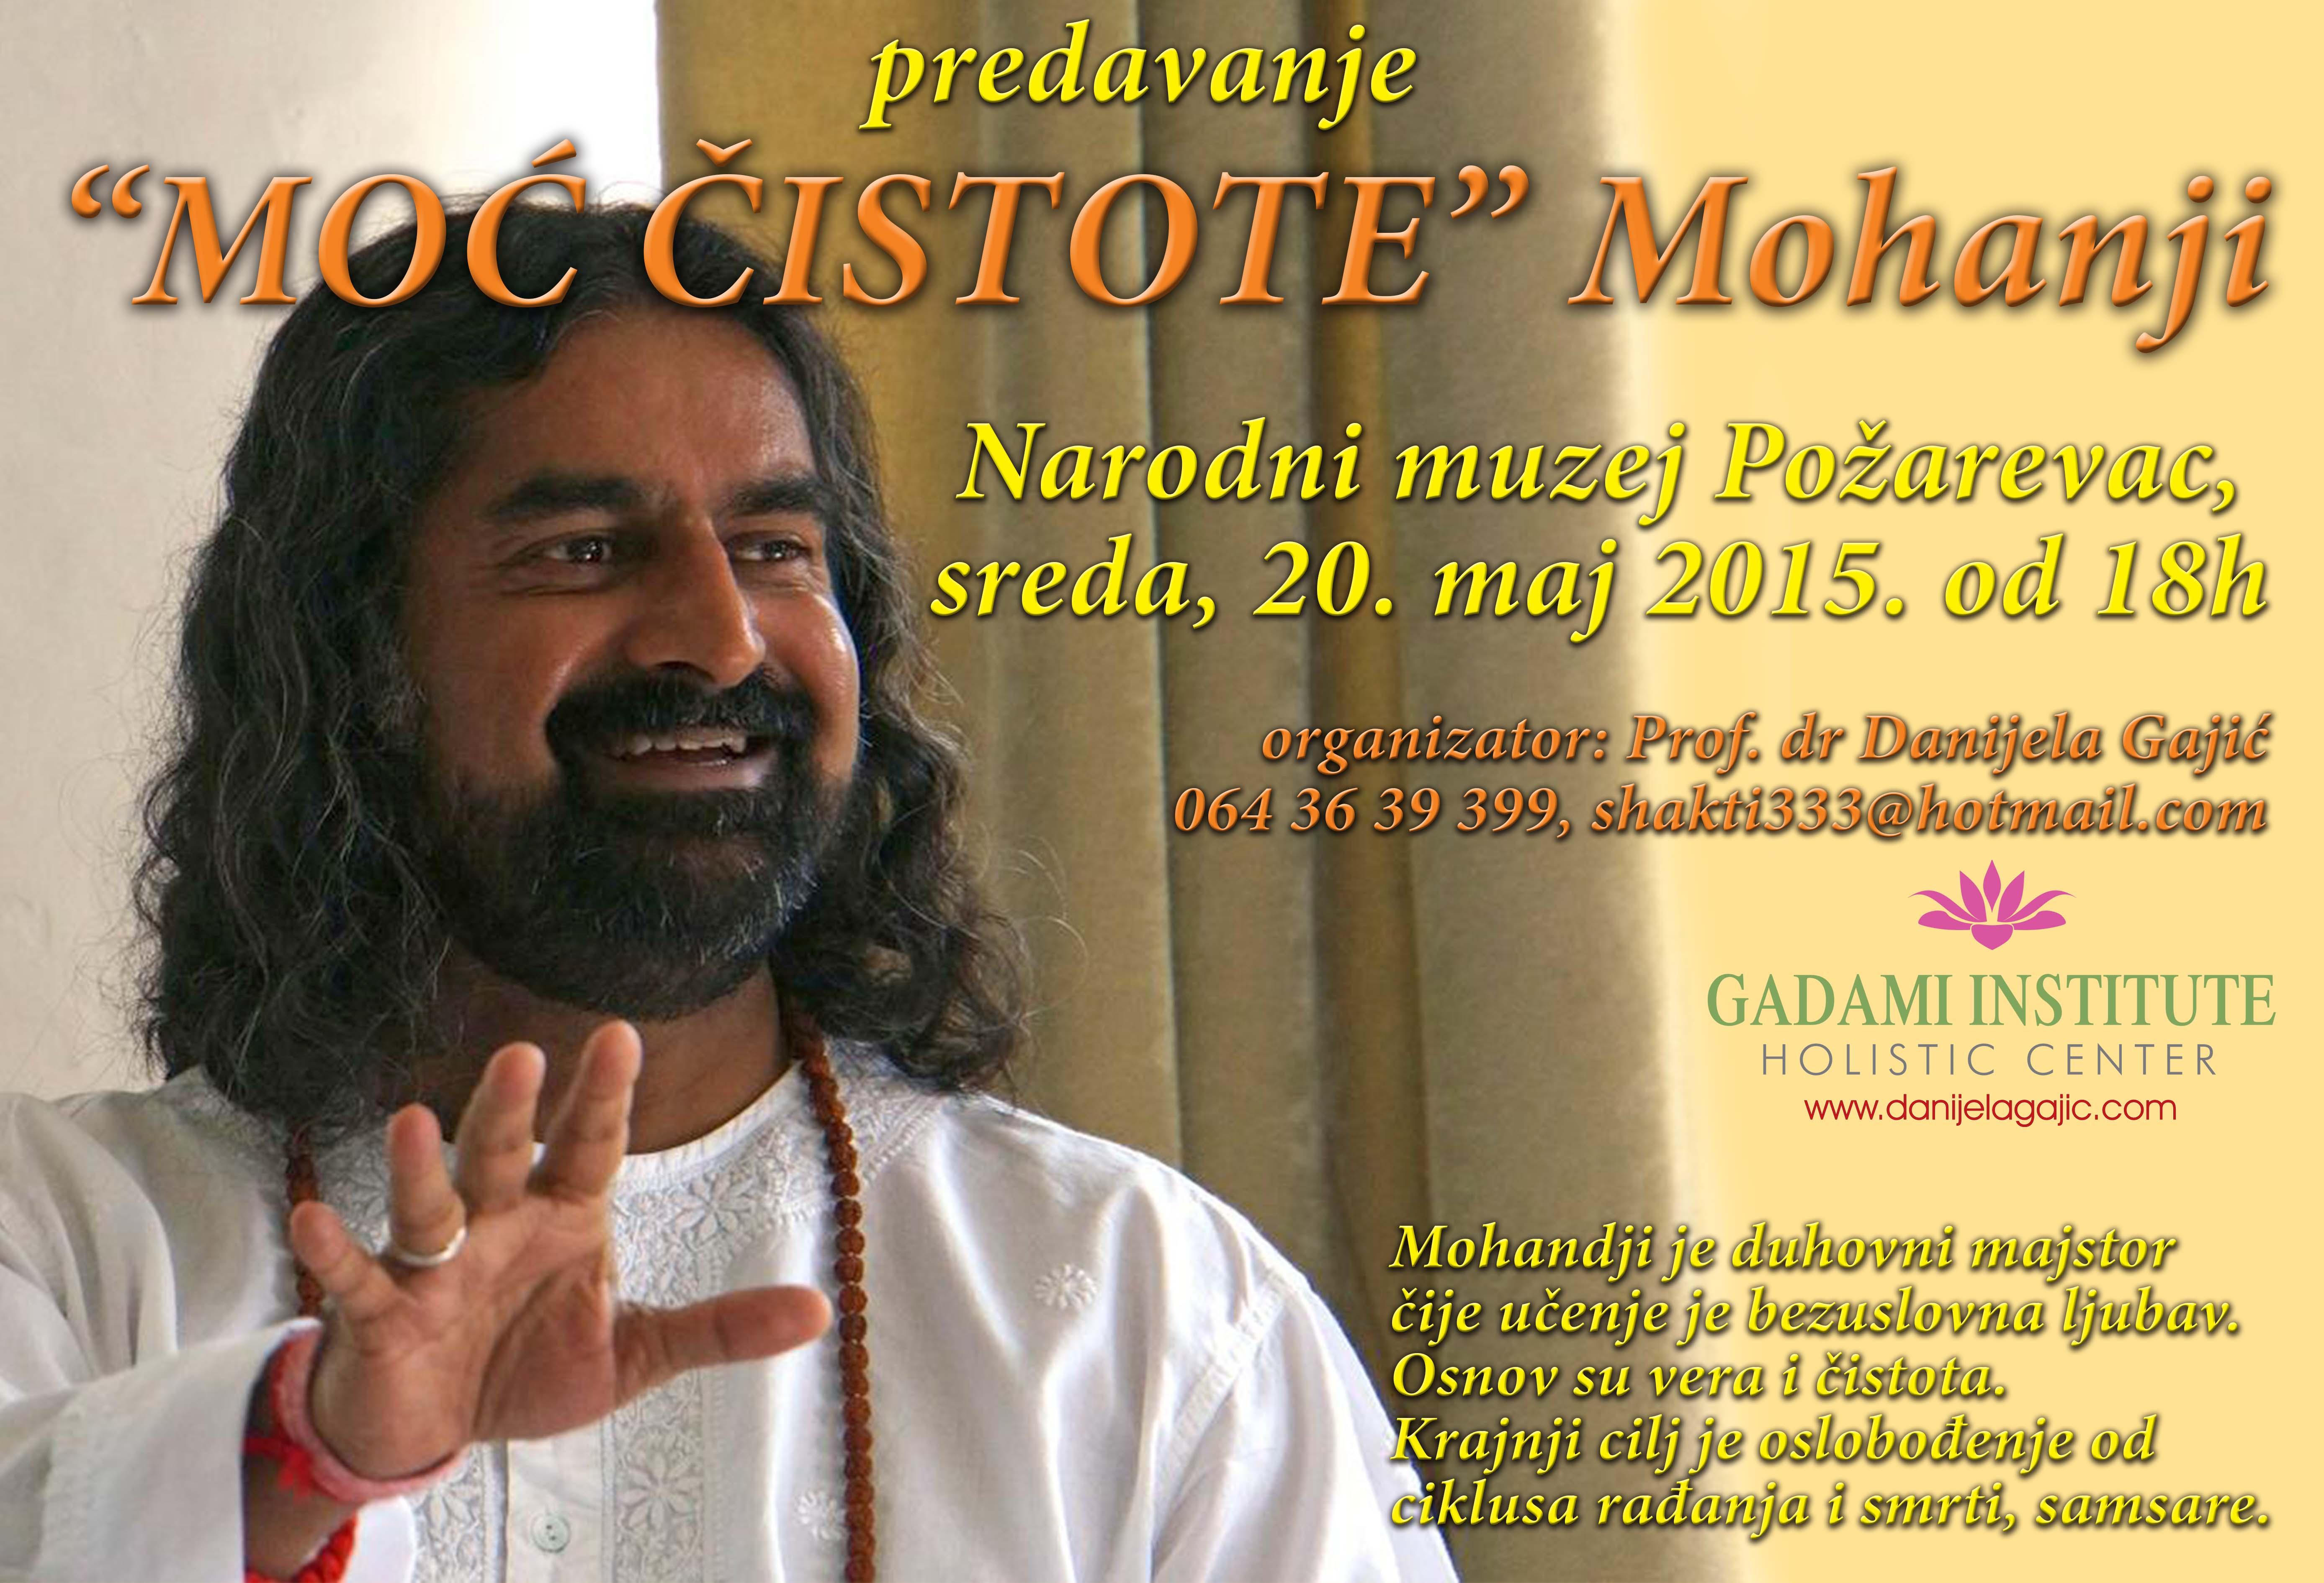 Mohanji, sreda 20. maj 2015